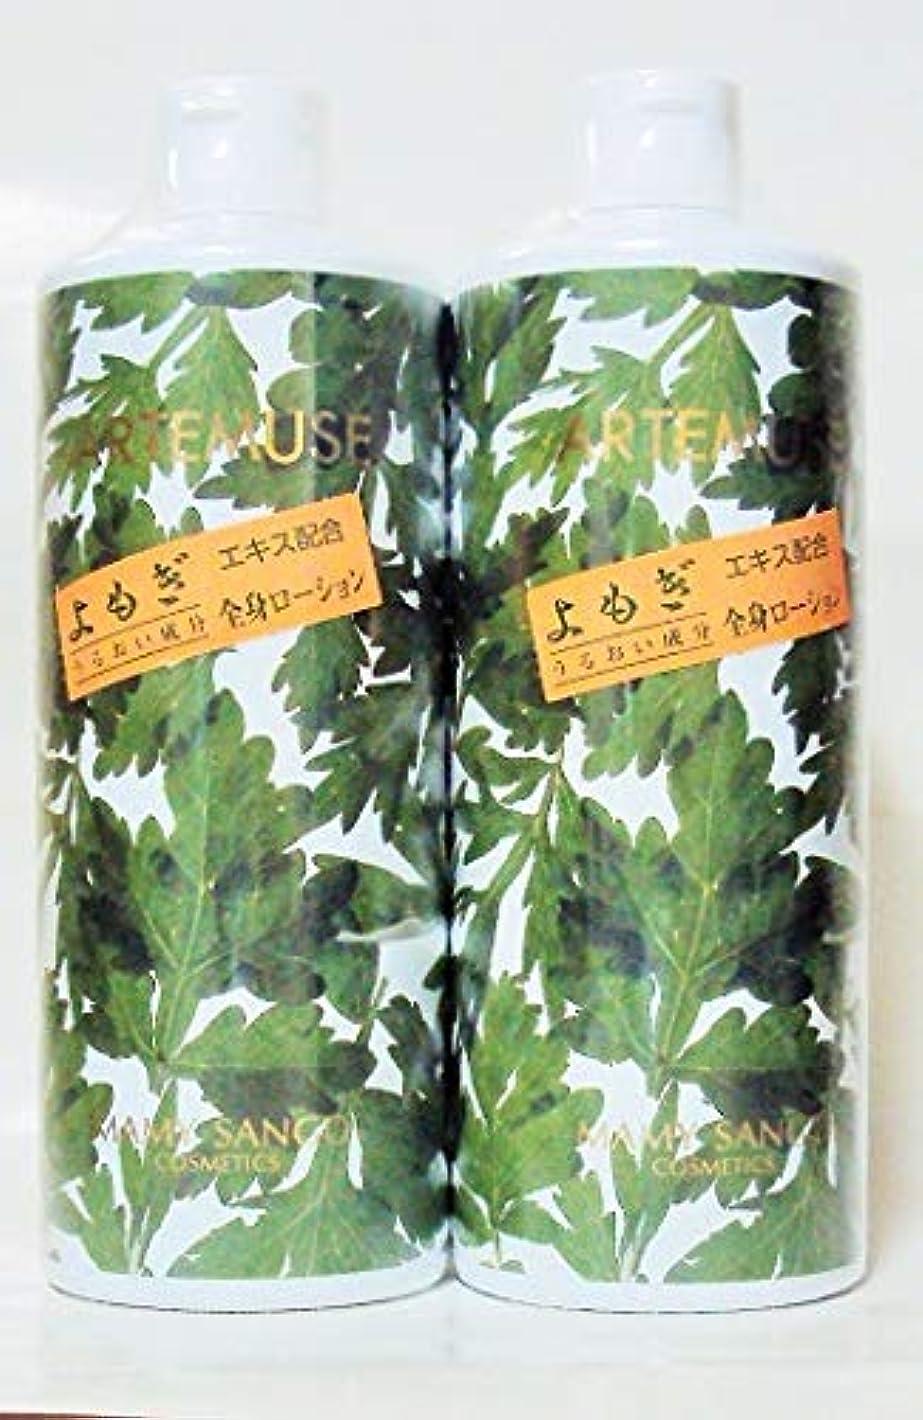 まばたき批判噴火マミーサンゴ薬用ローショーン500ml(2本セット価額)